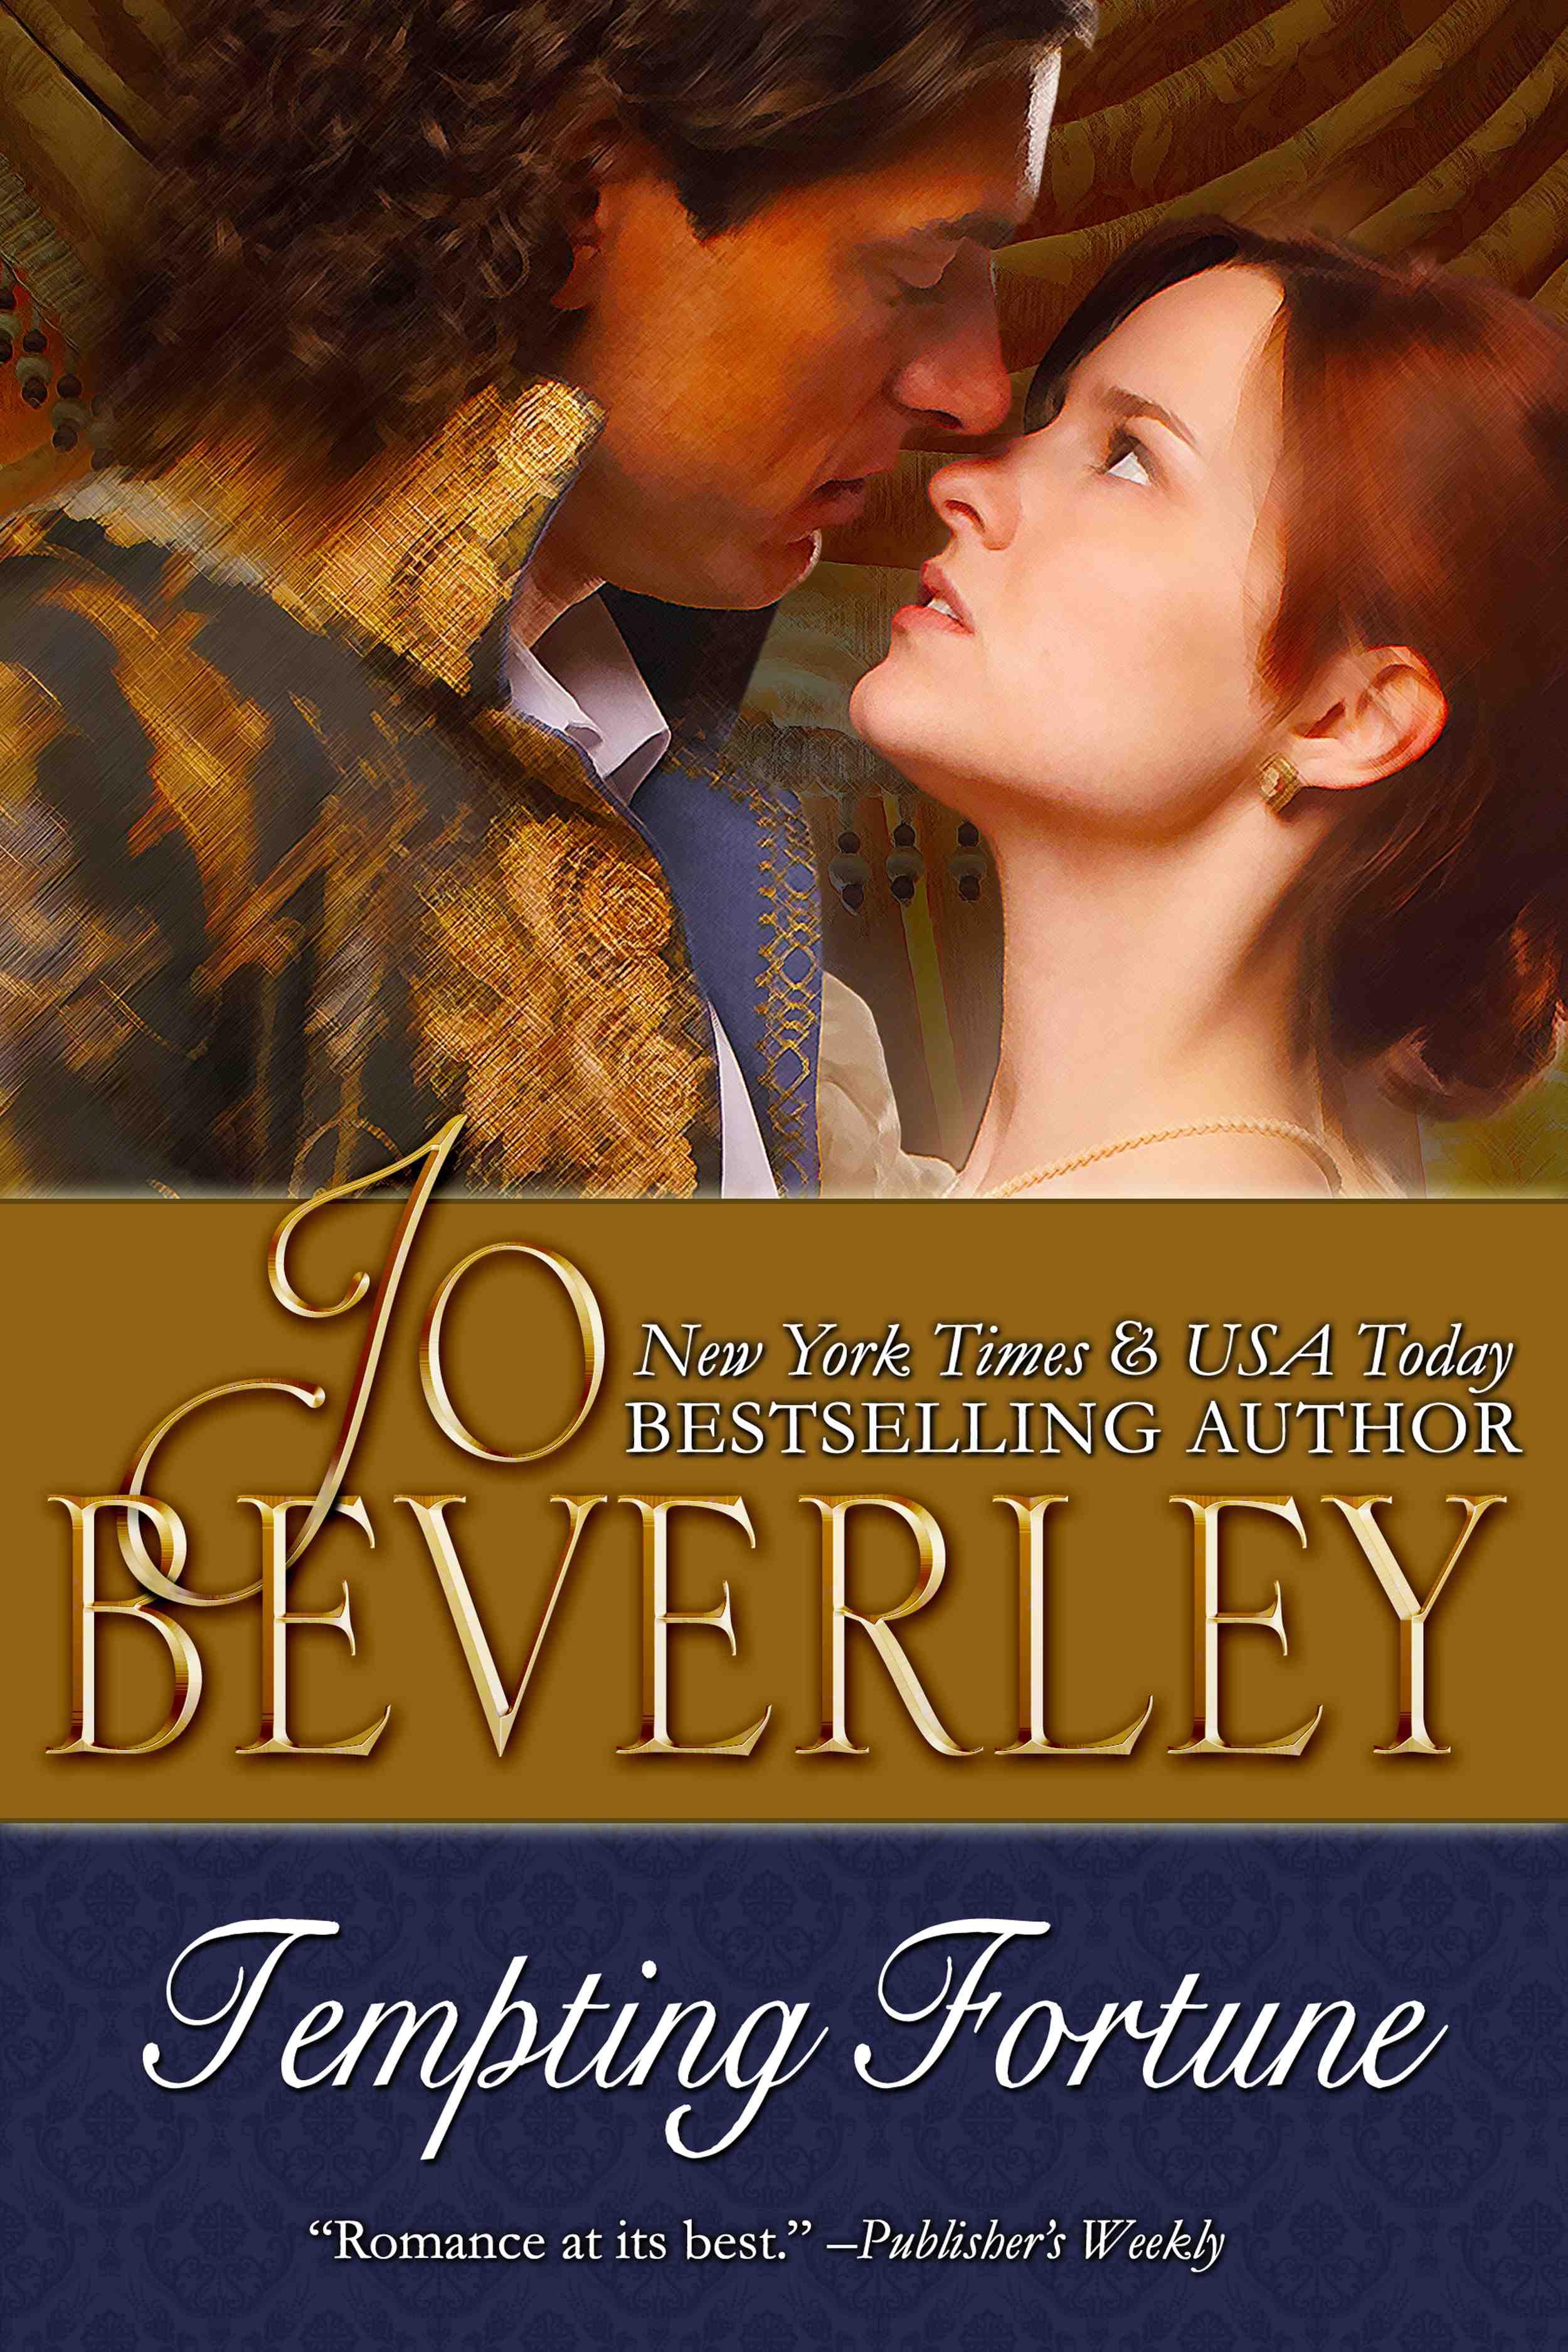 Order of Jo Beverley Books